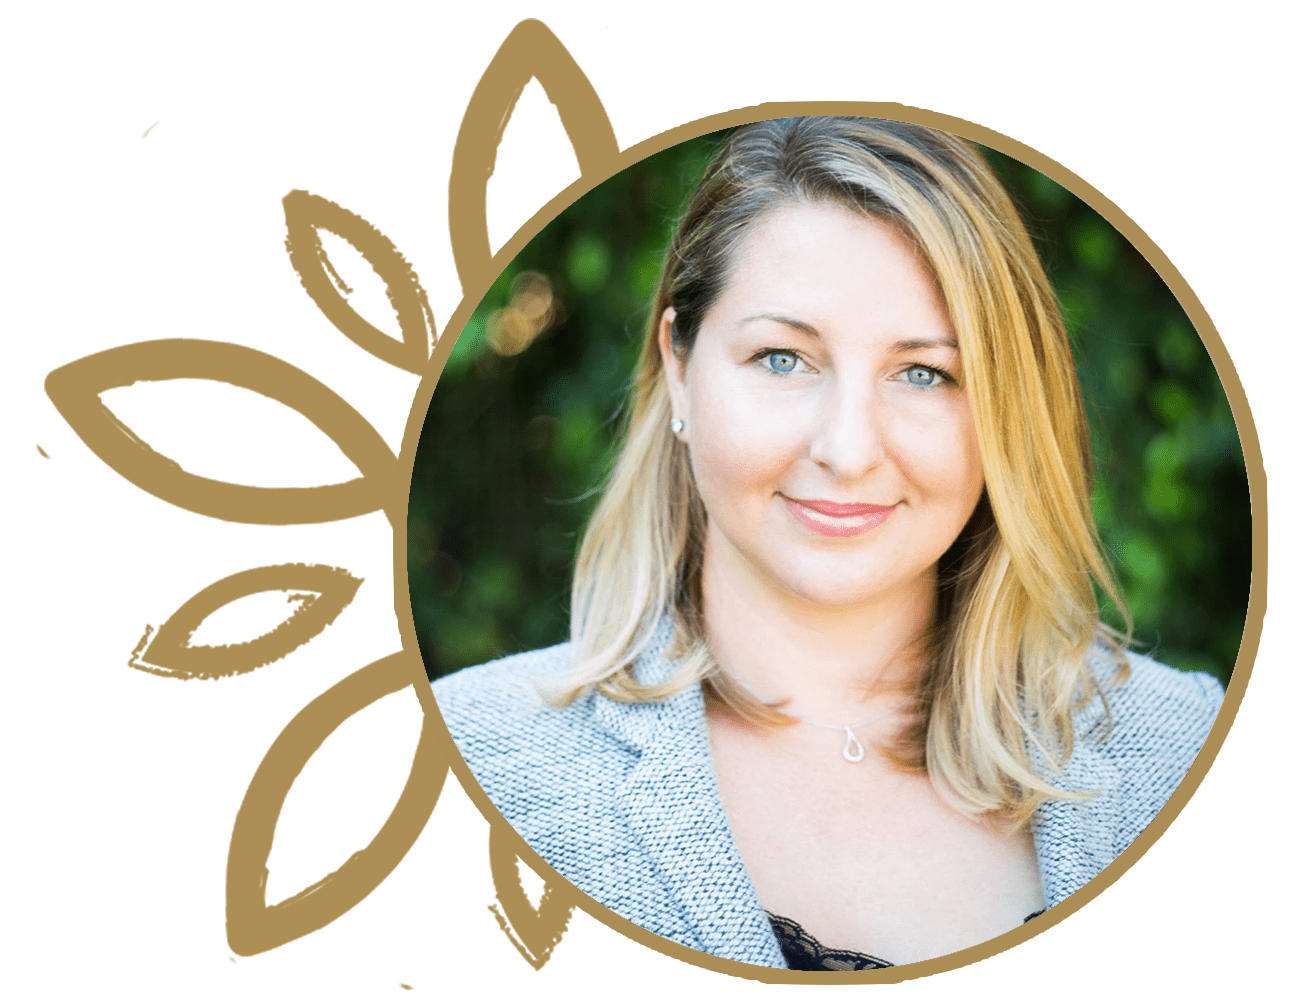 Vanessa - Women in Business